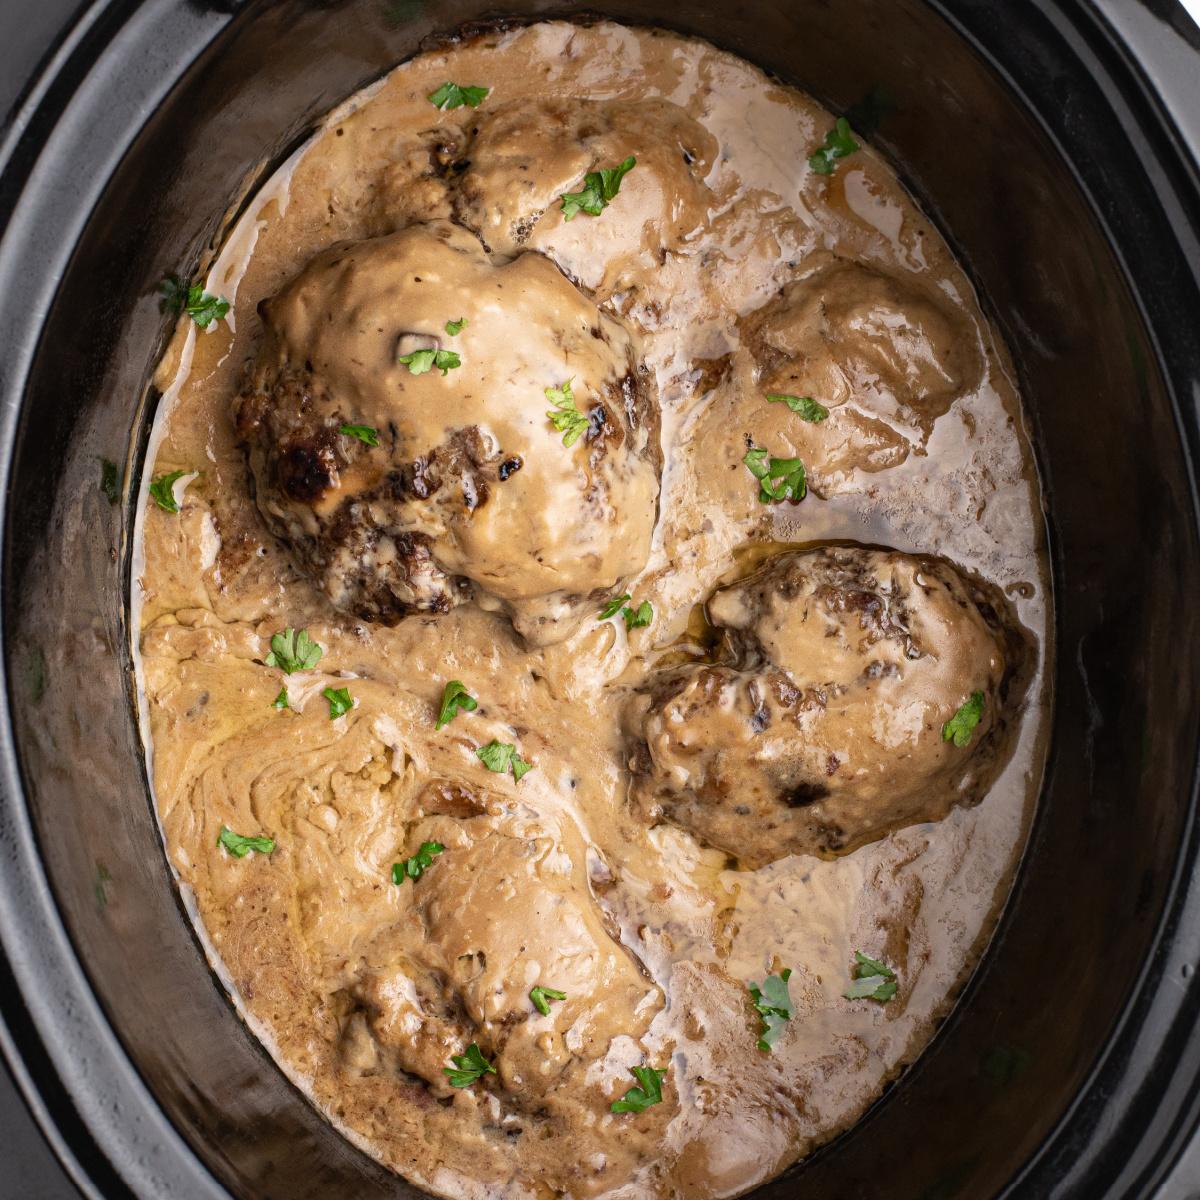 Slow Cooker Salisbury Steak in the liner of a Crock pot.